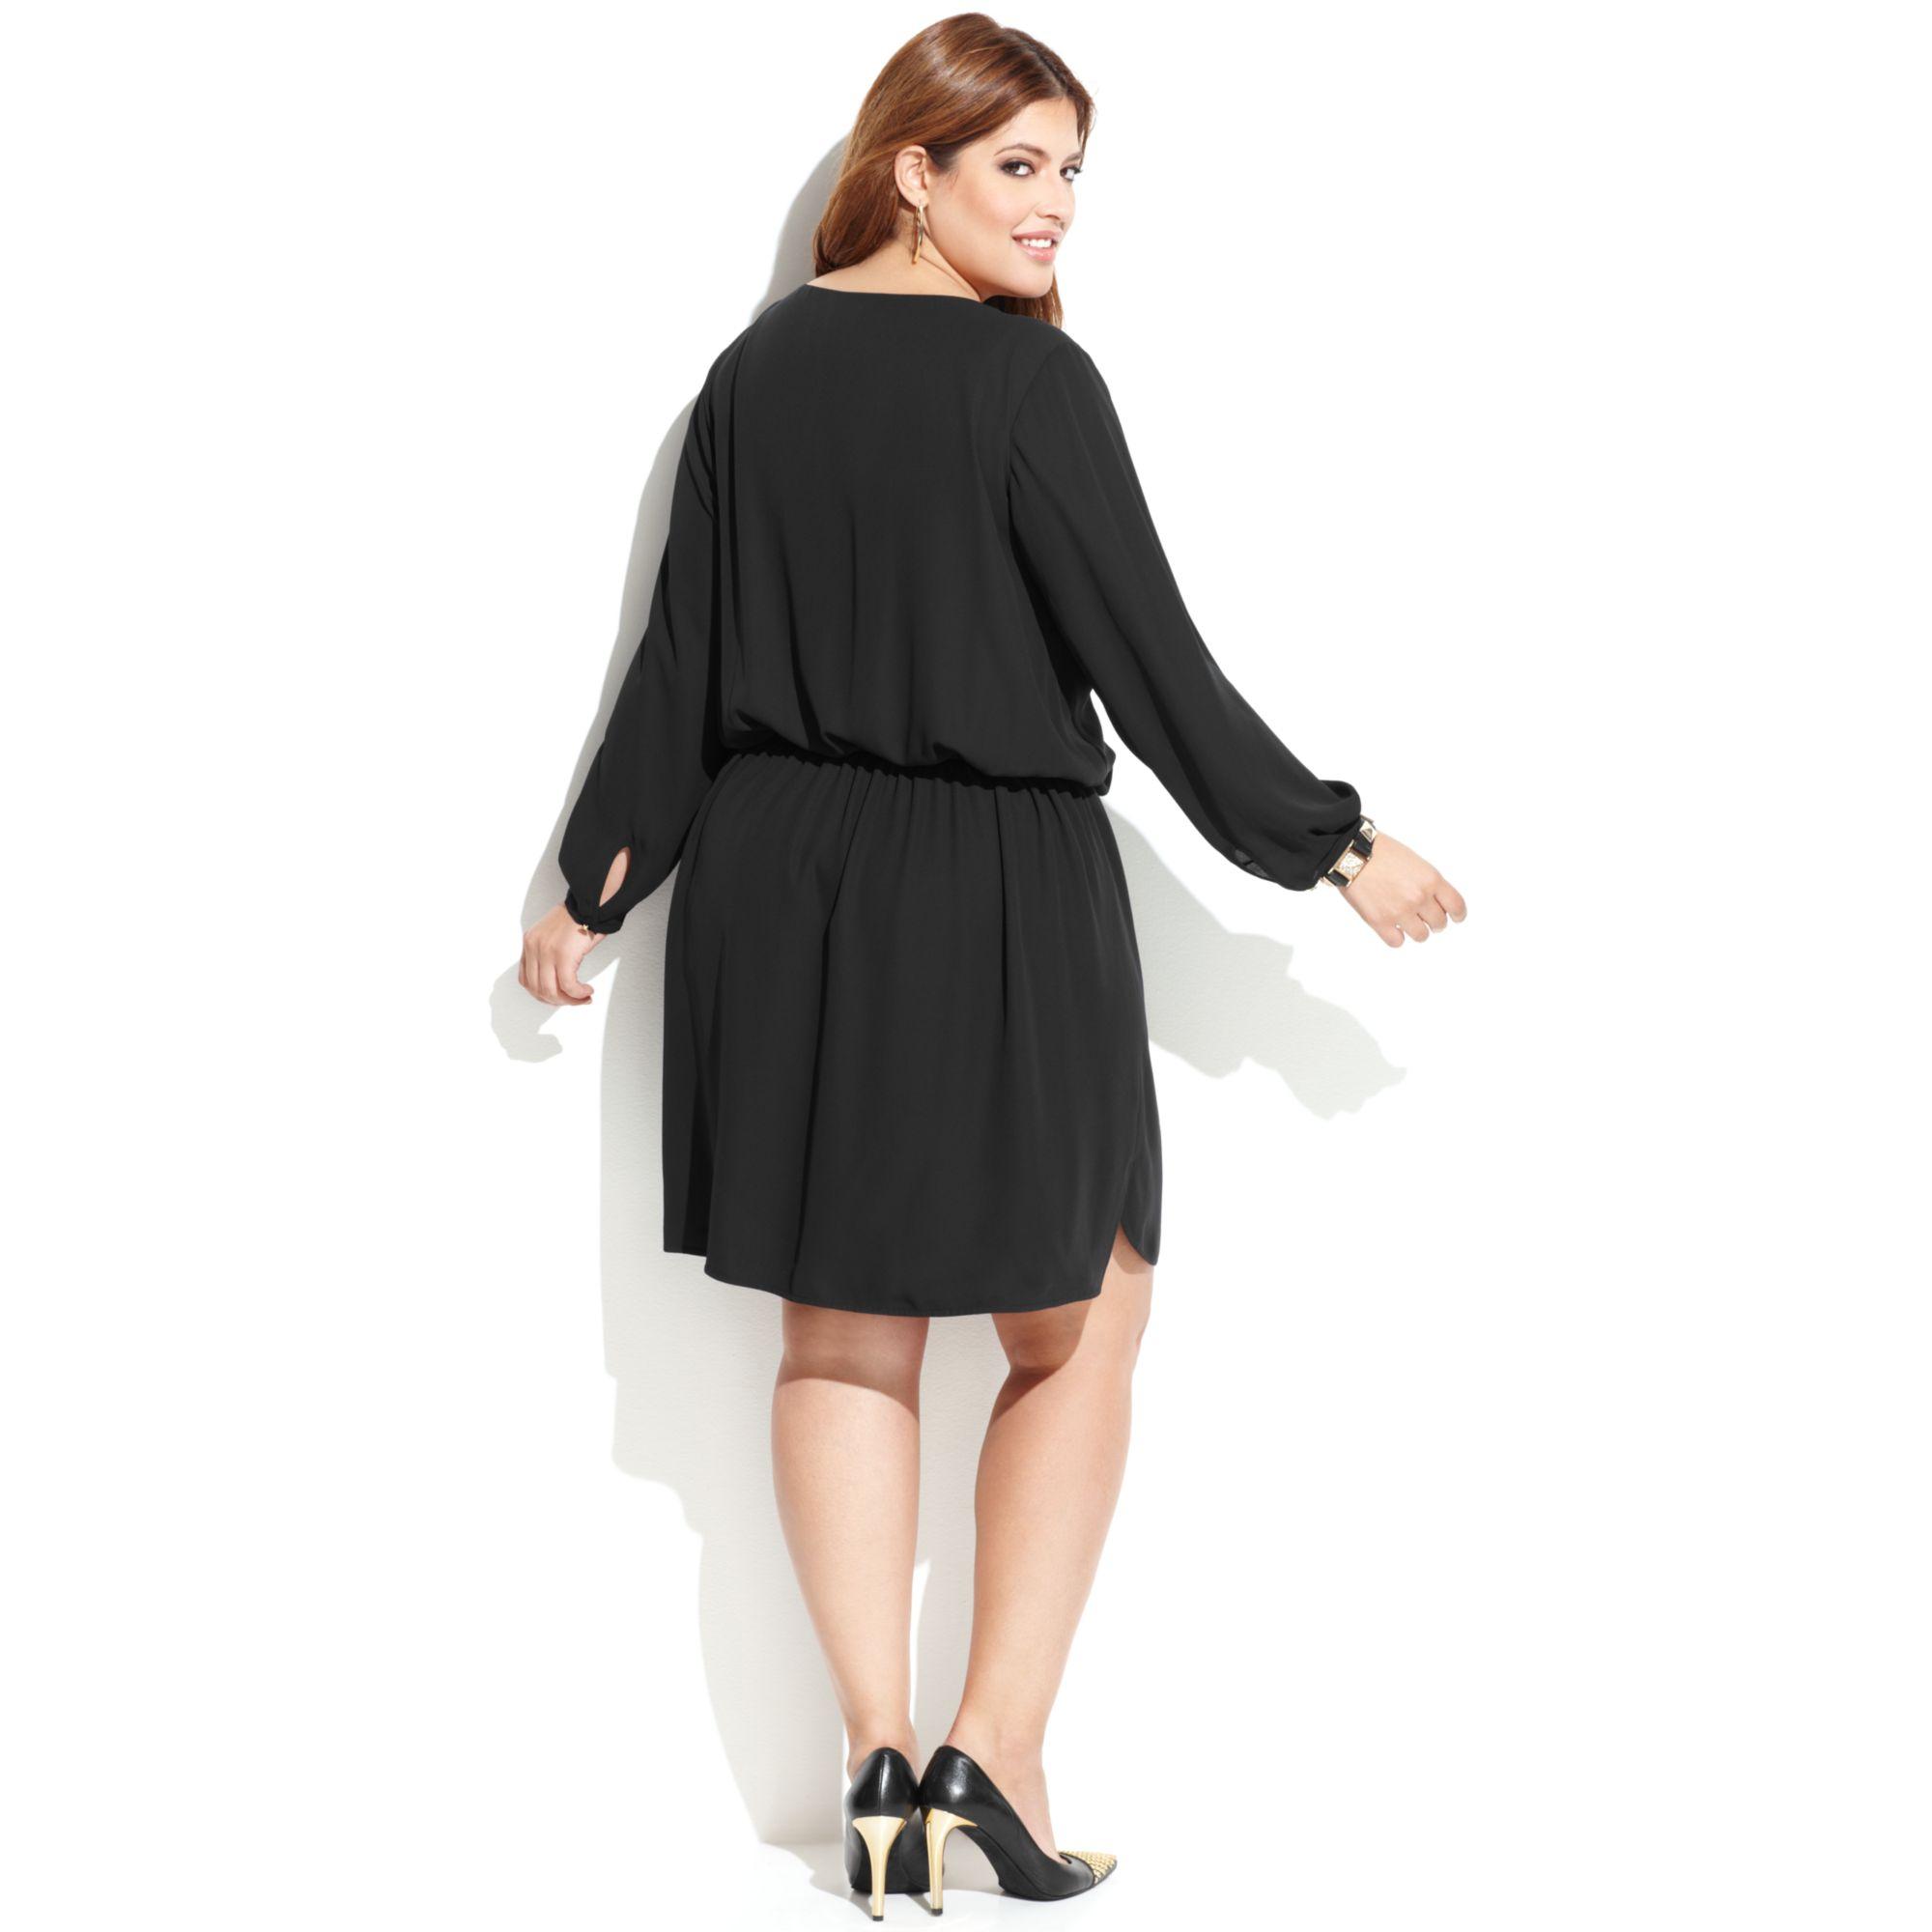 blouson dress plus size images - dresses design ideas